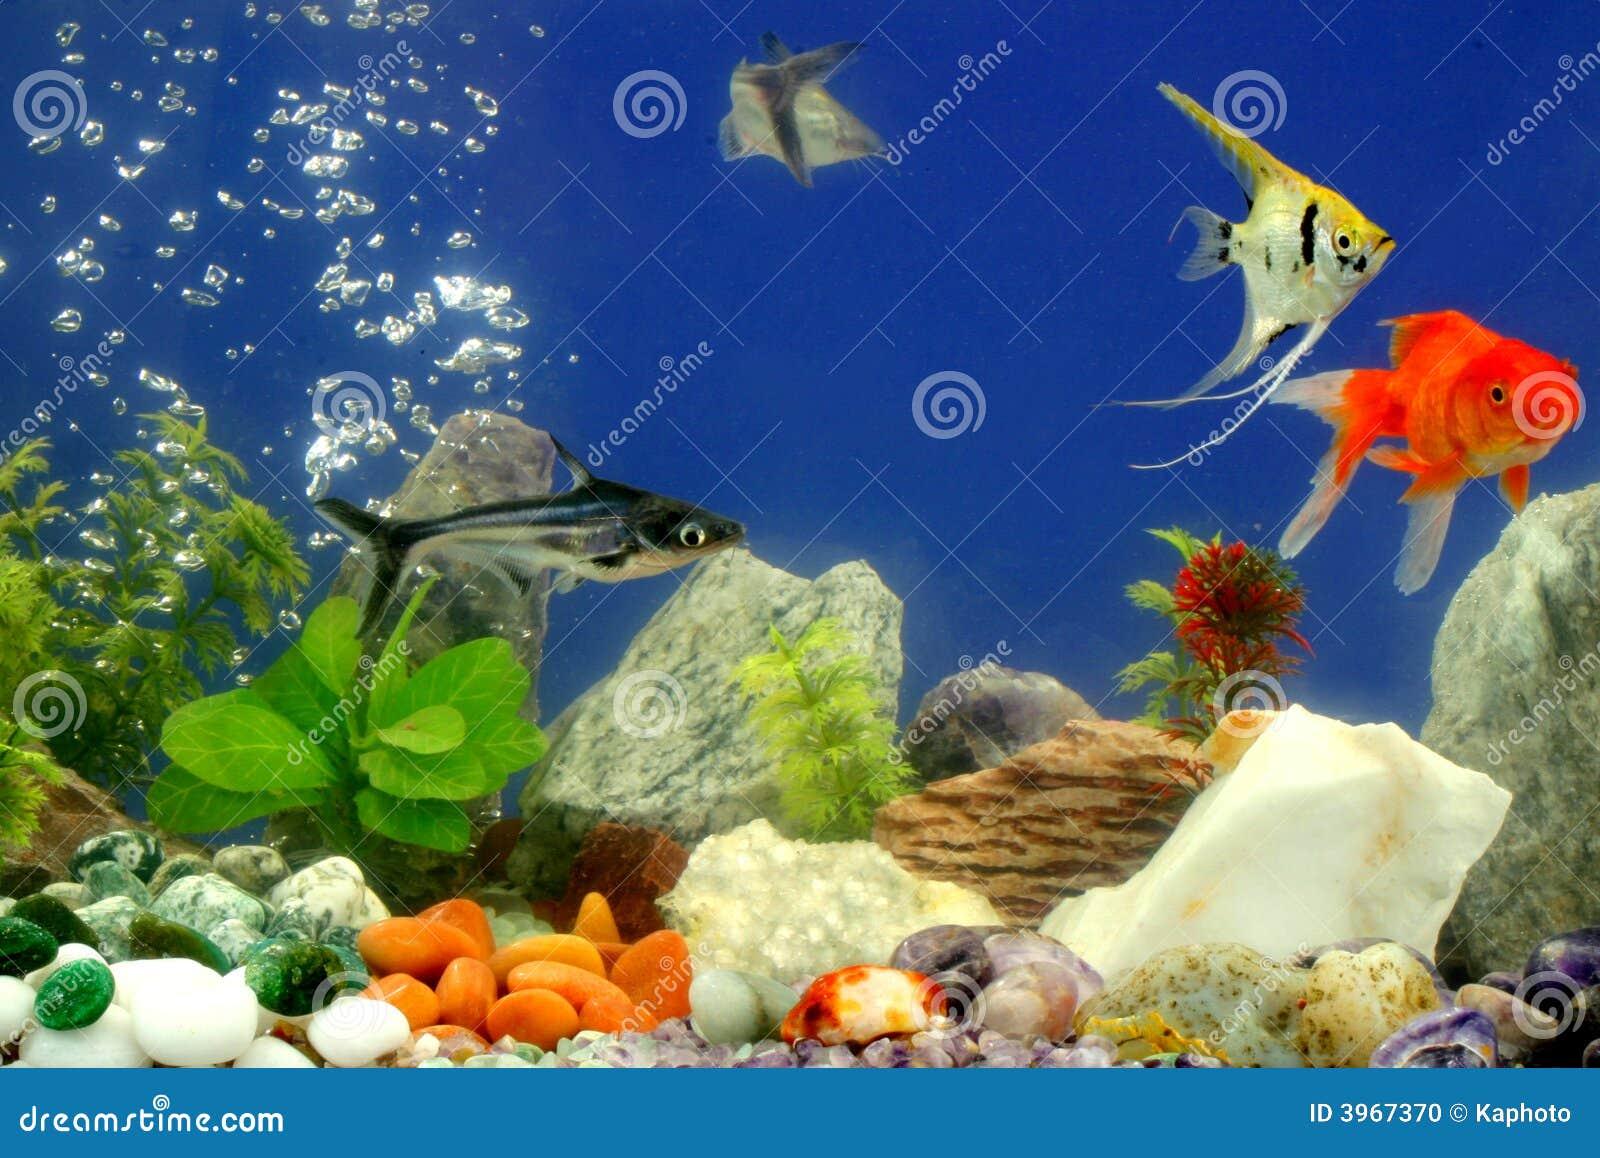 Fische im aquarium stockfoto bild von fische gold for Fische aquarium